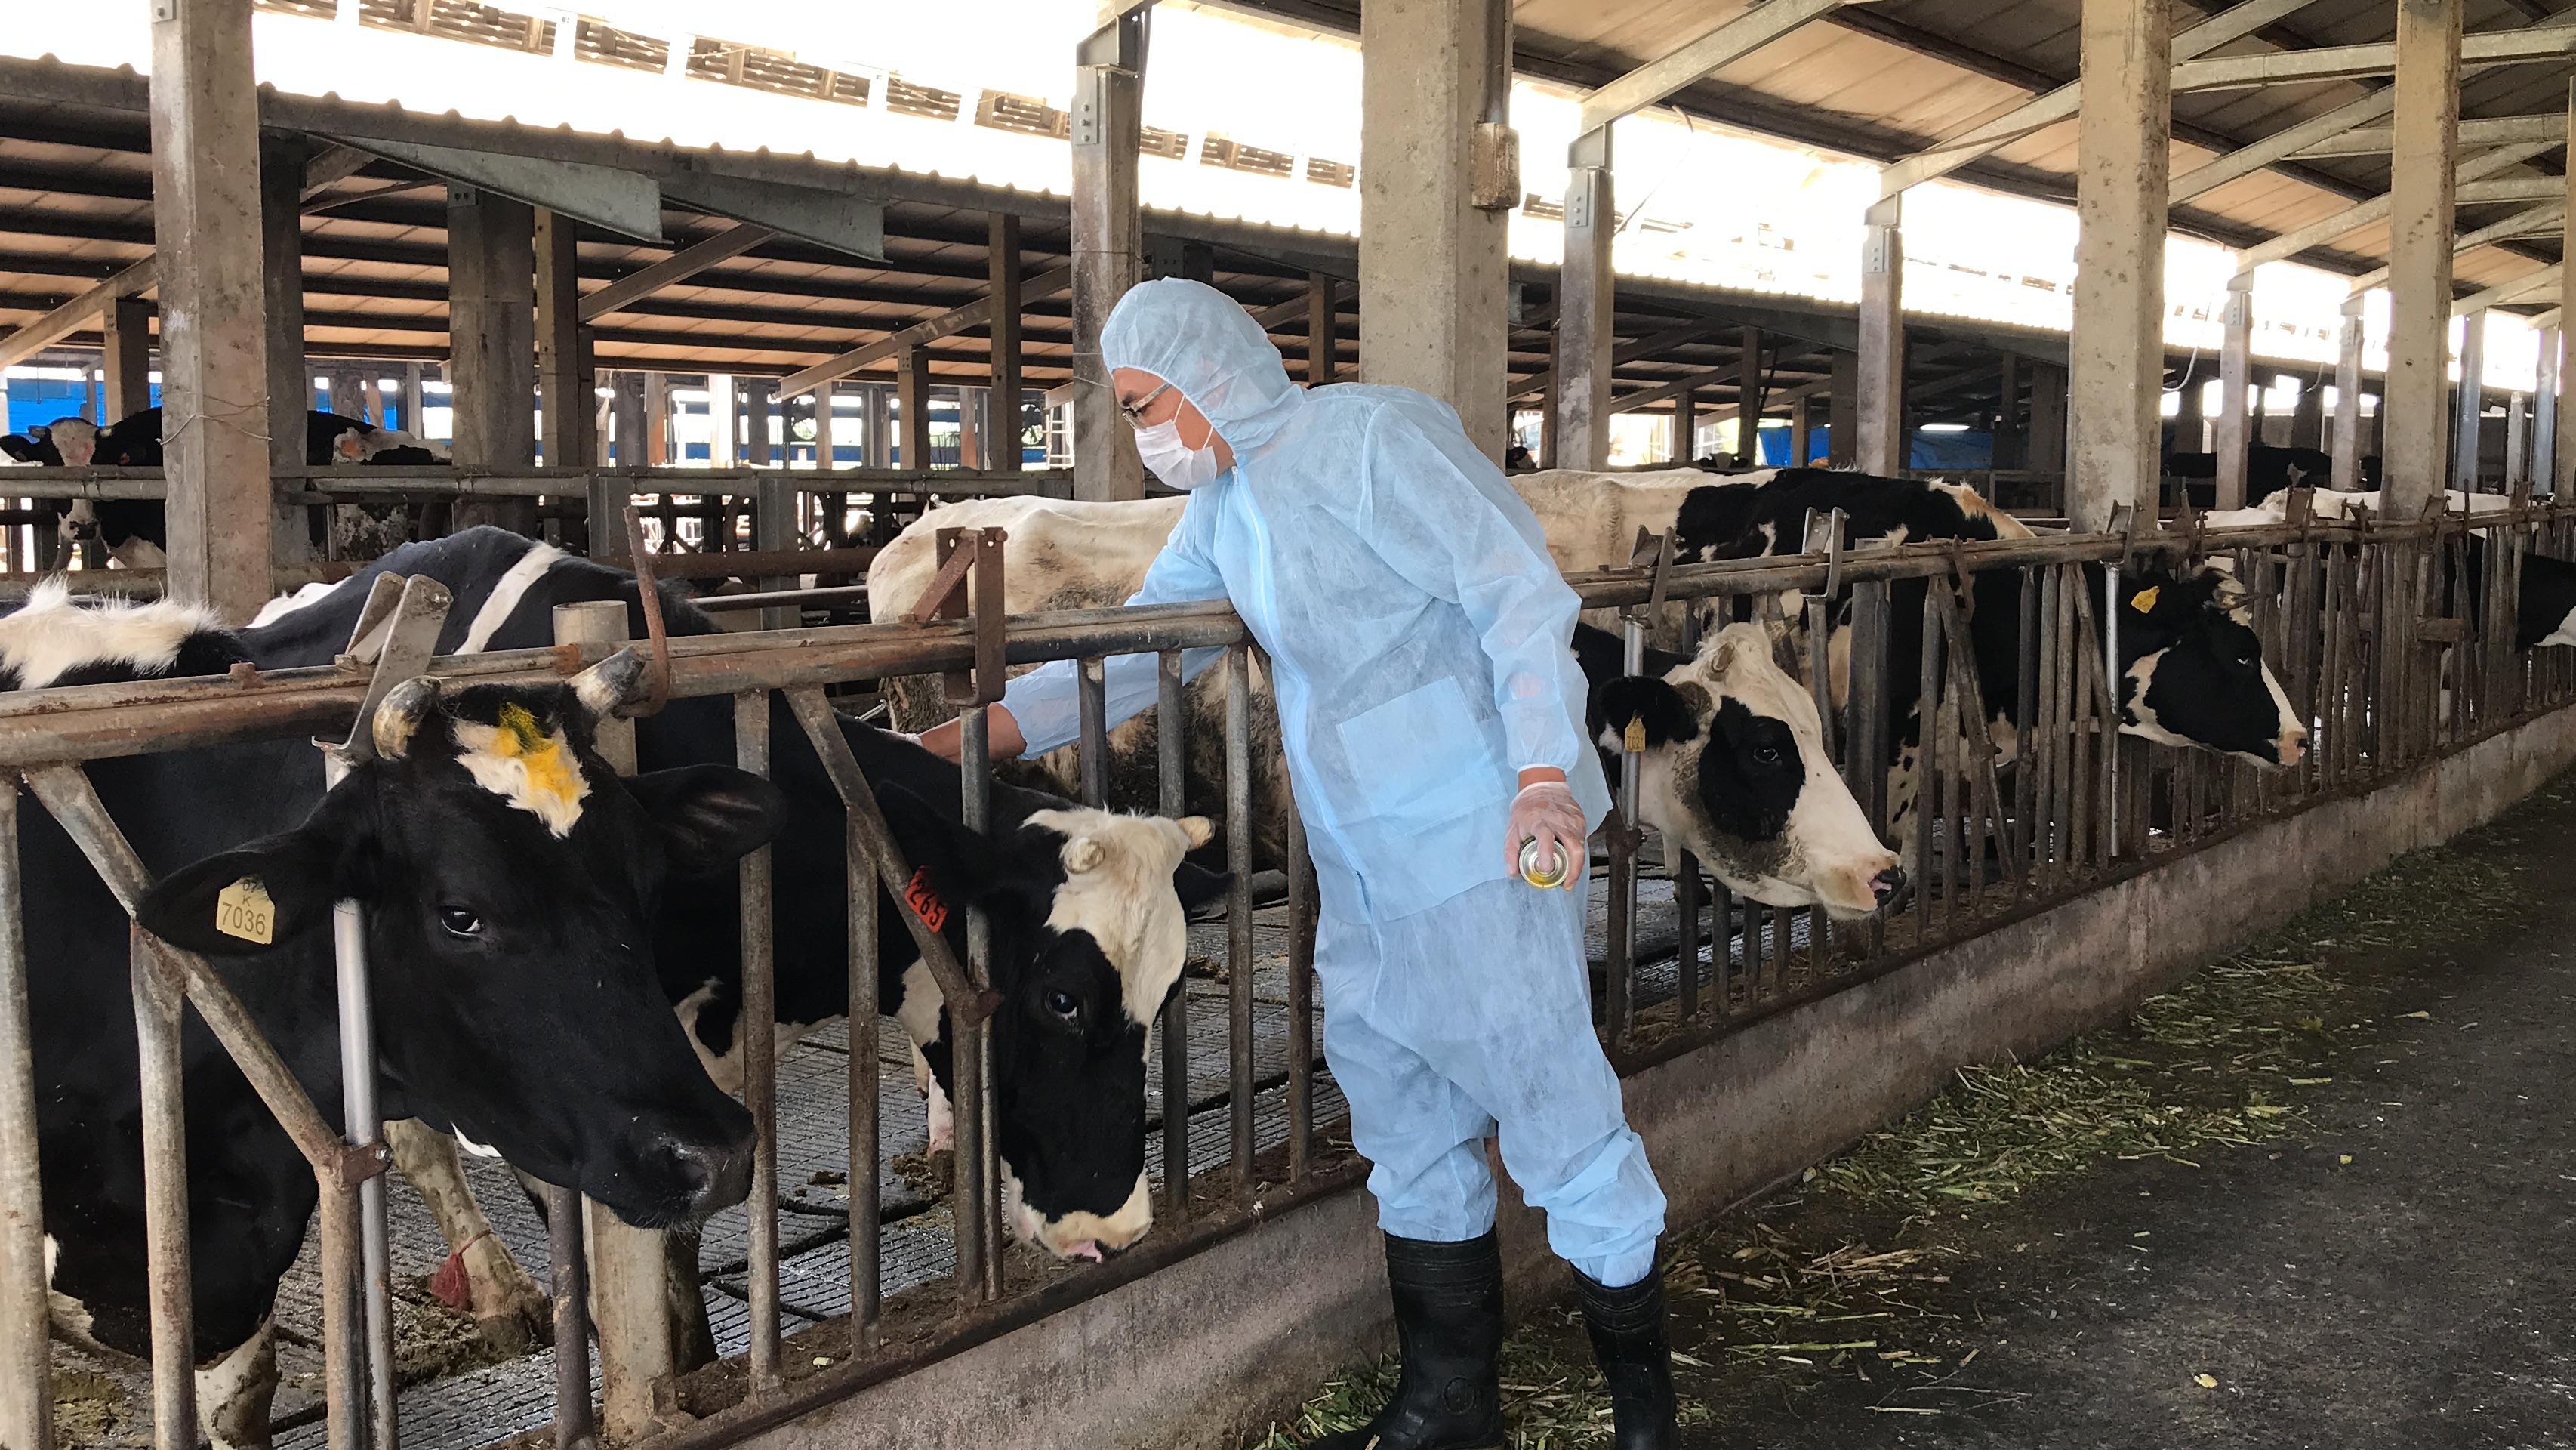 彰化縣4月30日完成牛結節疹疫苗注射工作,籲請縣內養牛場持續強化生物安全防疫工作,落實防疫零死角